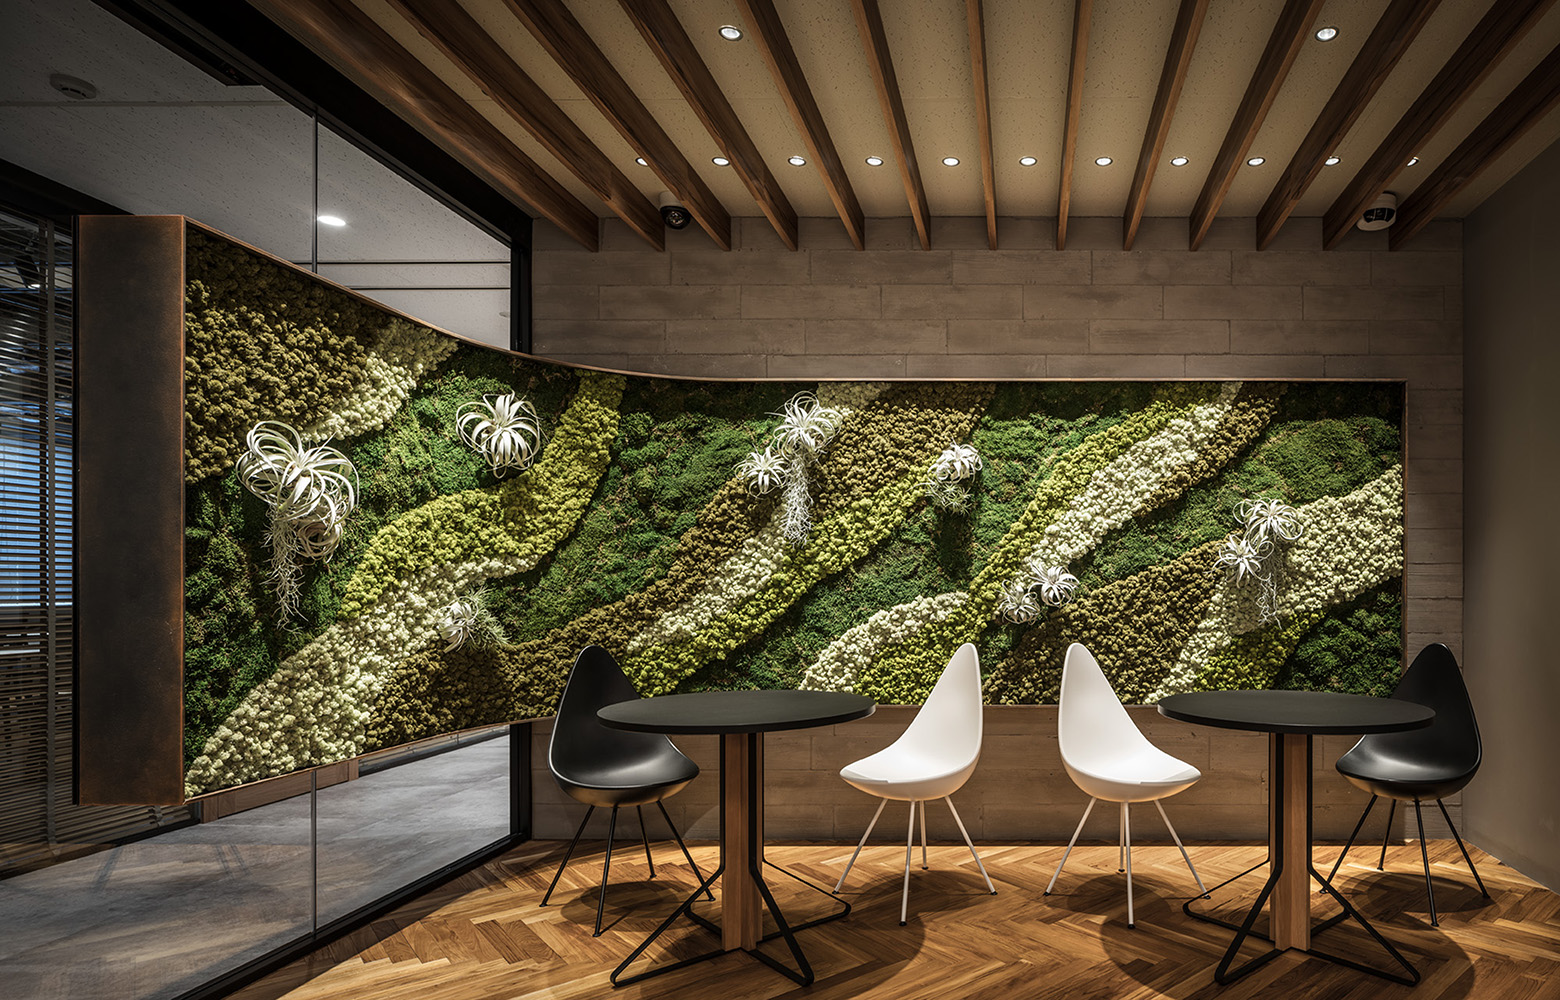 株式会社日本ワークス Green Wall & Waiting Space デザイン・レイアウト事例